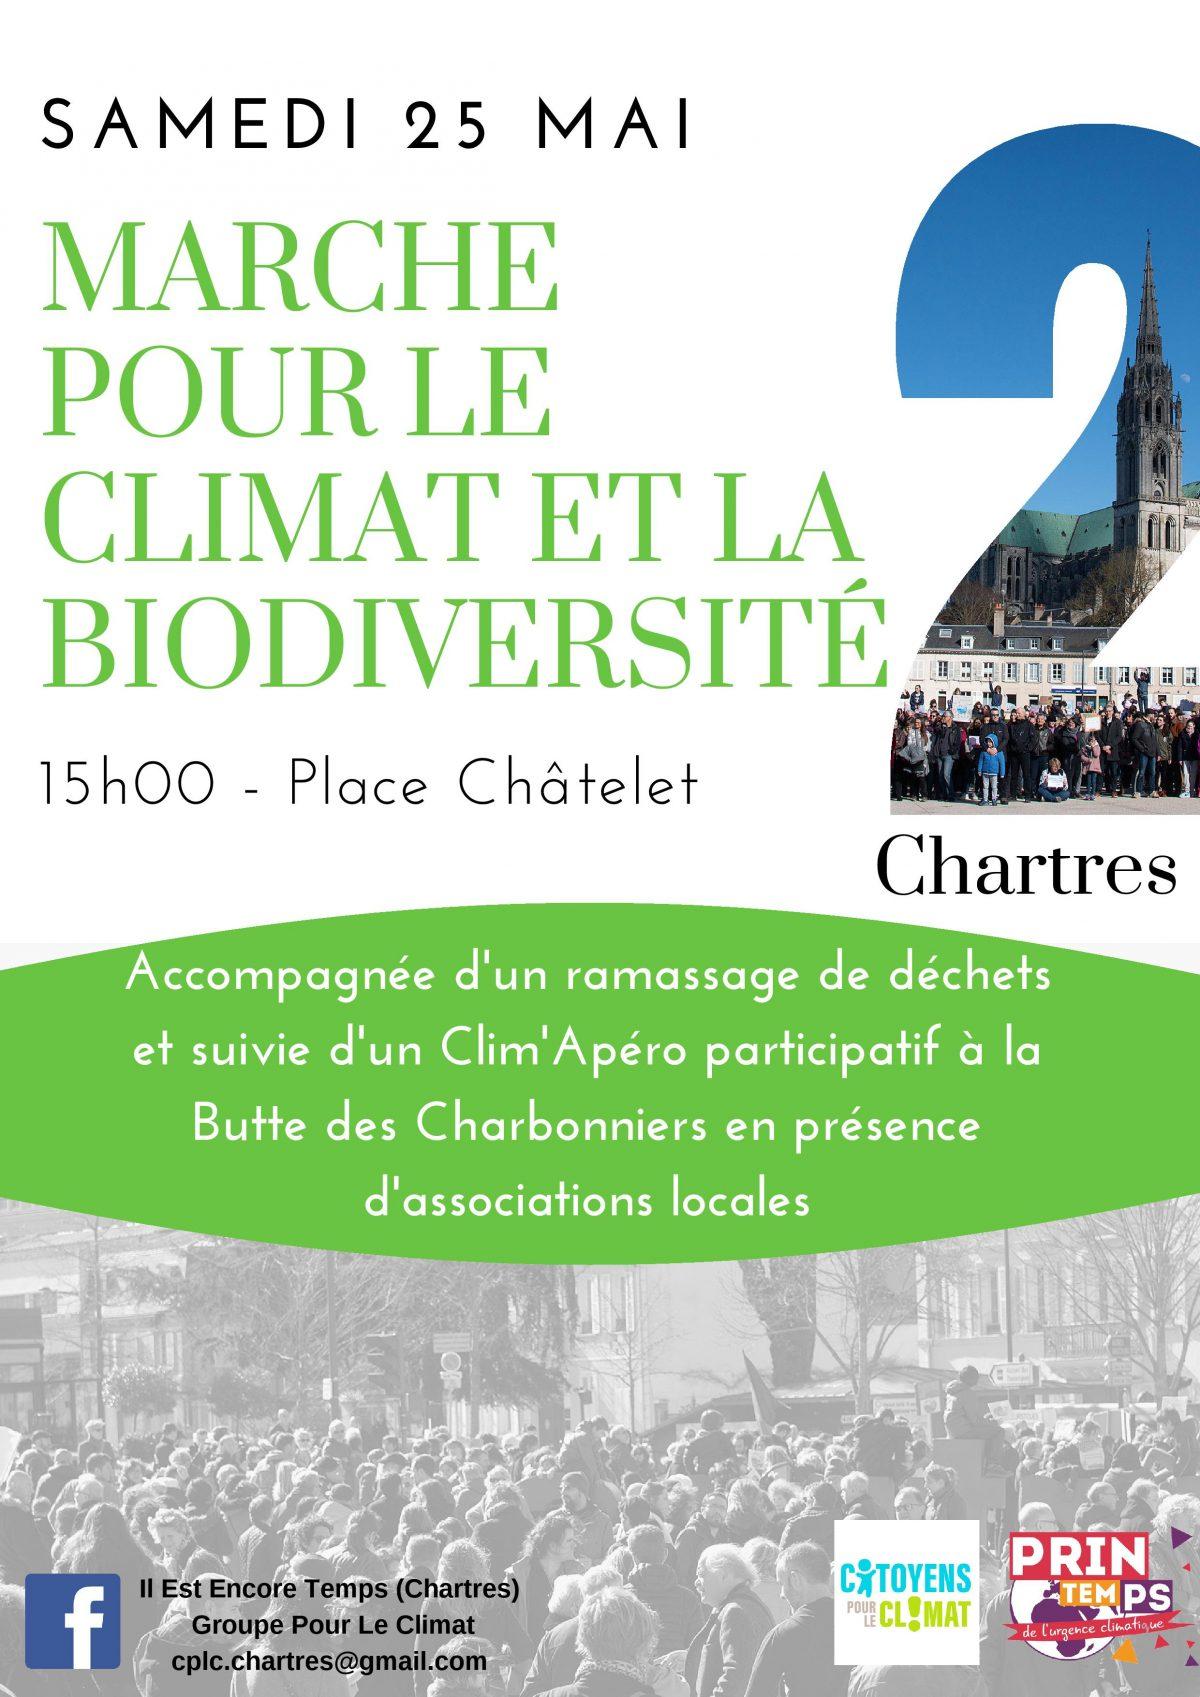 Marche pour le climat et la biodiversité